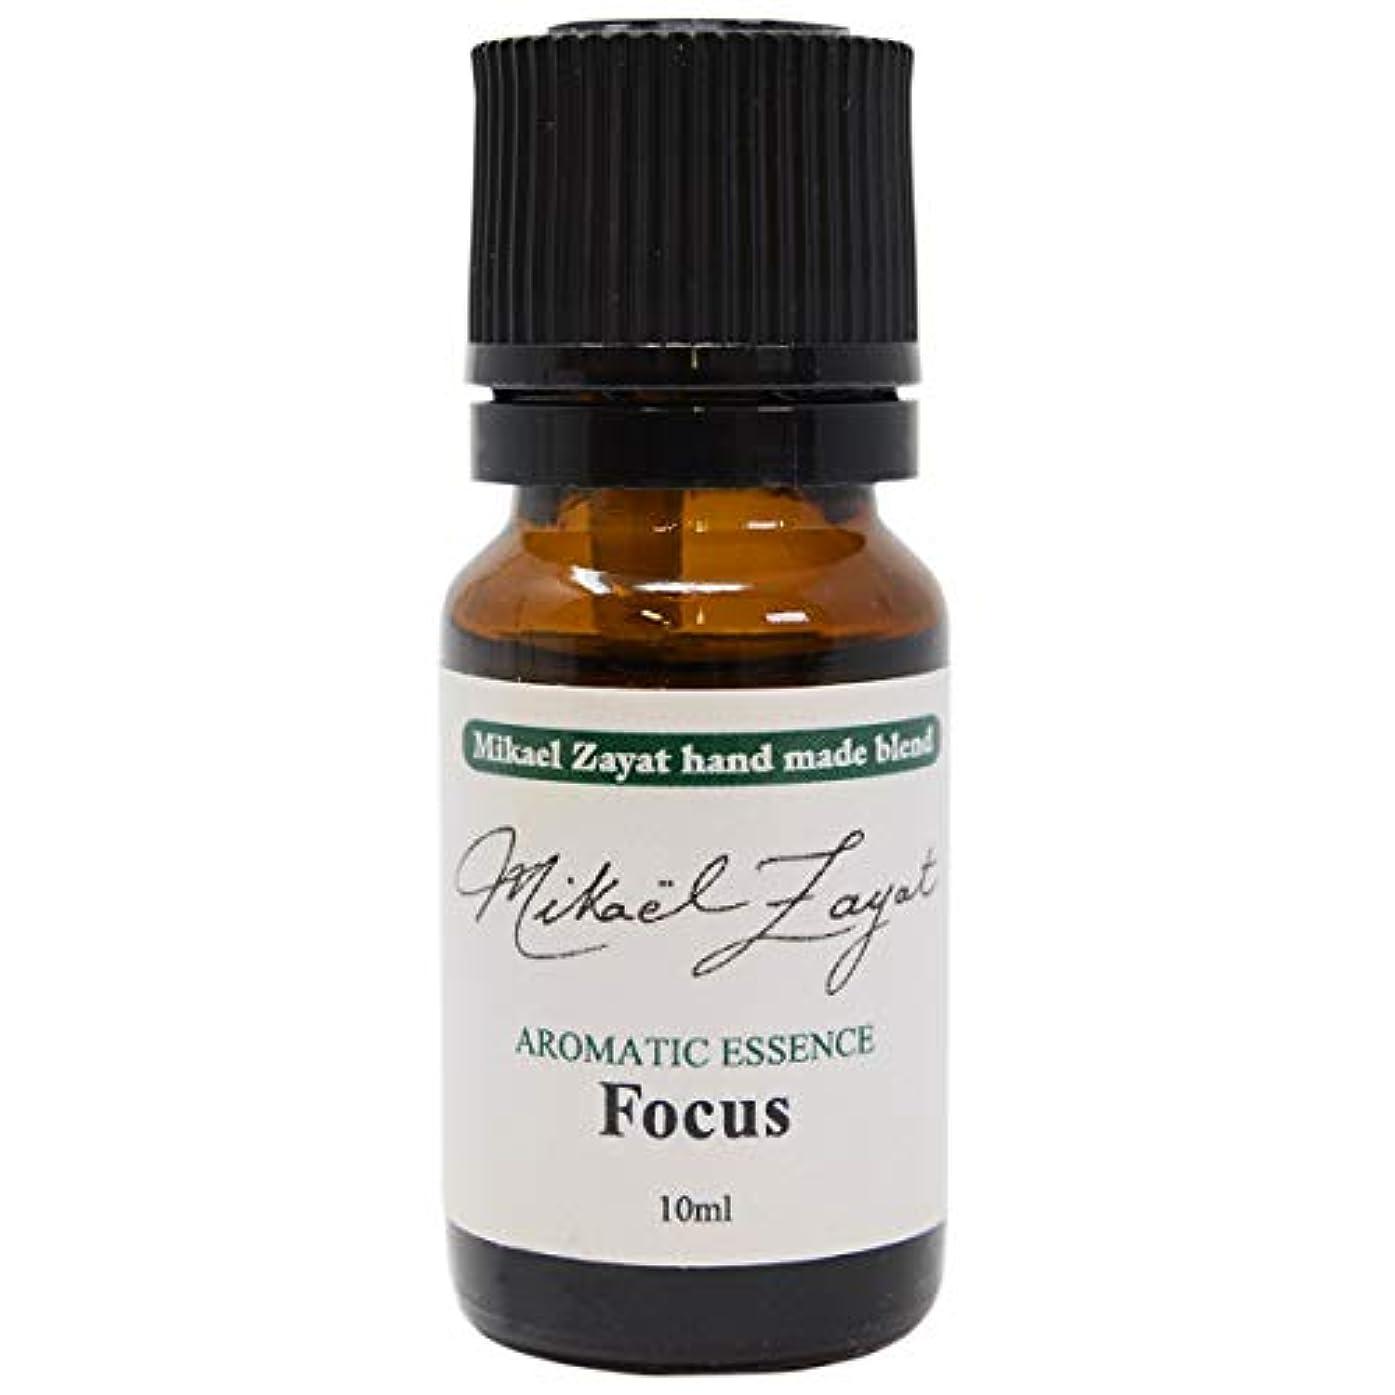 ヒュームパウダー正午ミカエルザヤット フォーカス Focus 10ml Mikael Zayat hand made blend